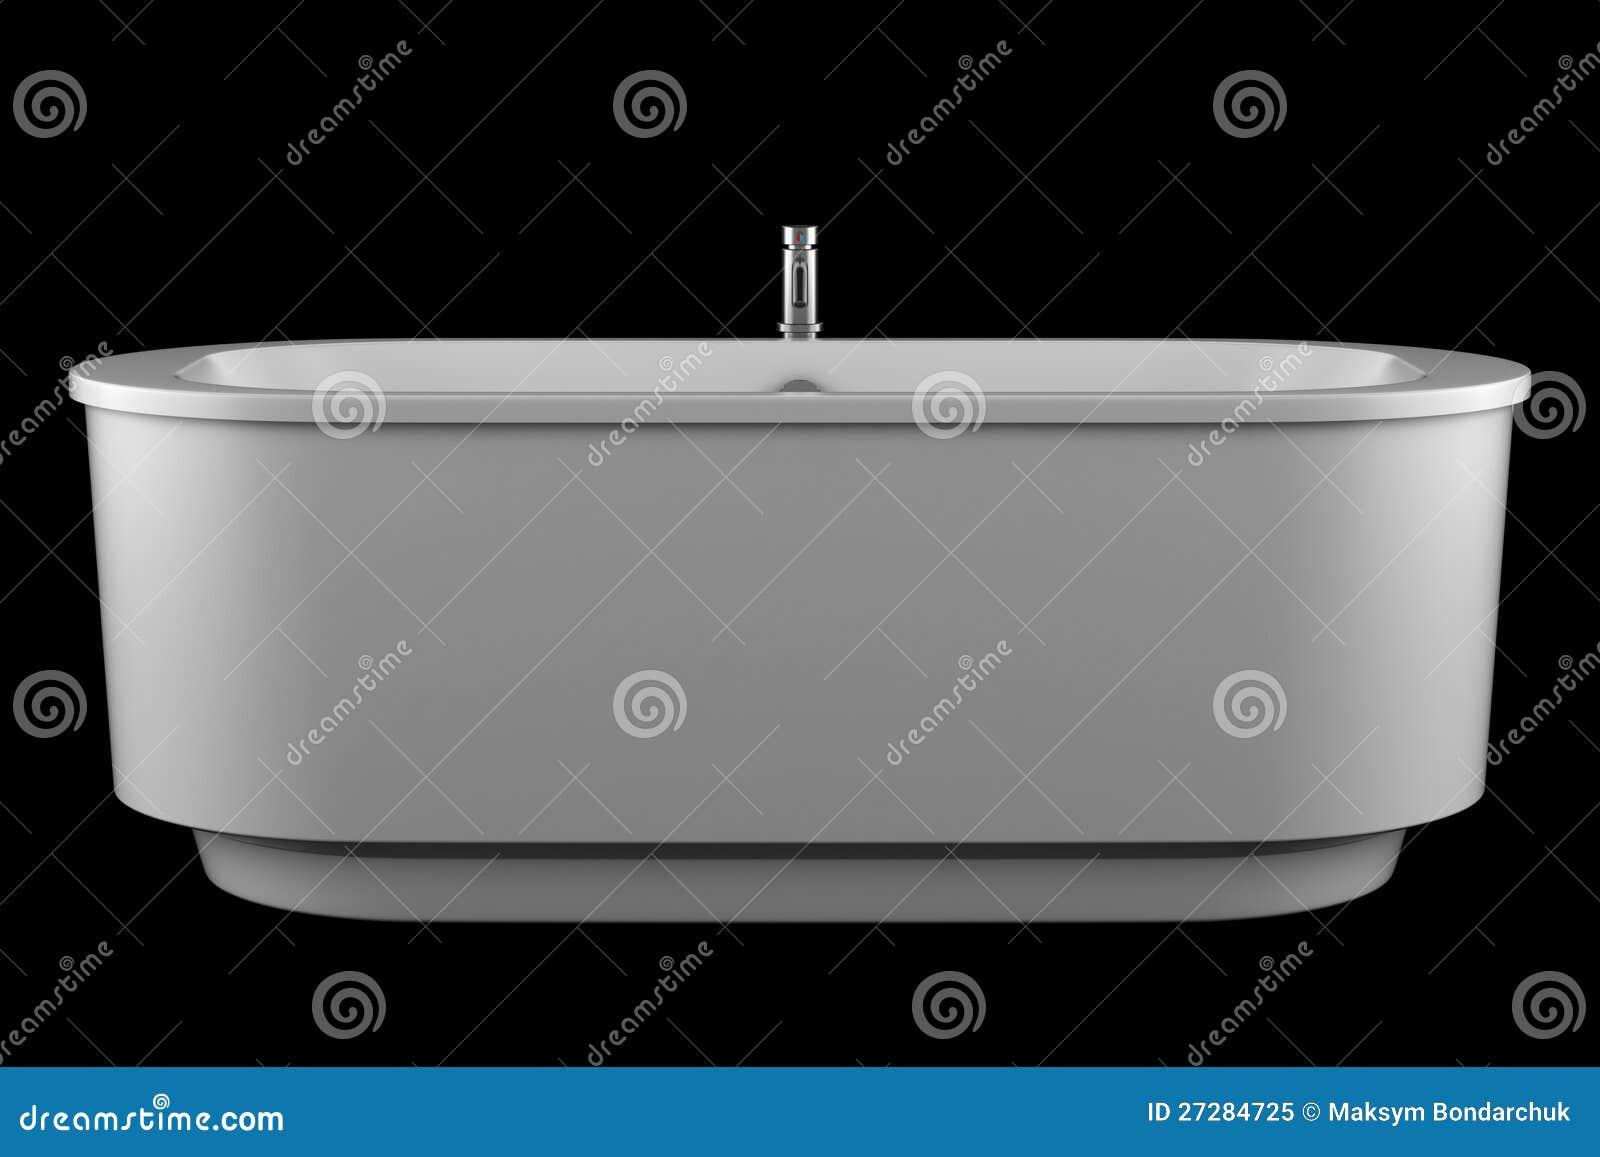 Vasca Da Bagno Bassa : Vasca da bagno bianca moderna isolata sul nero illustrazione di